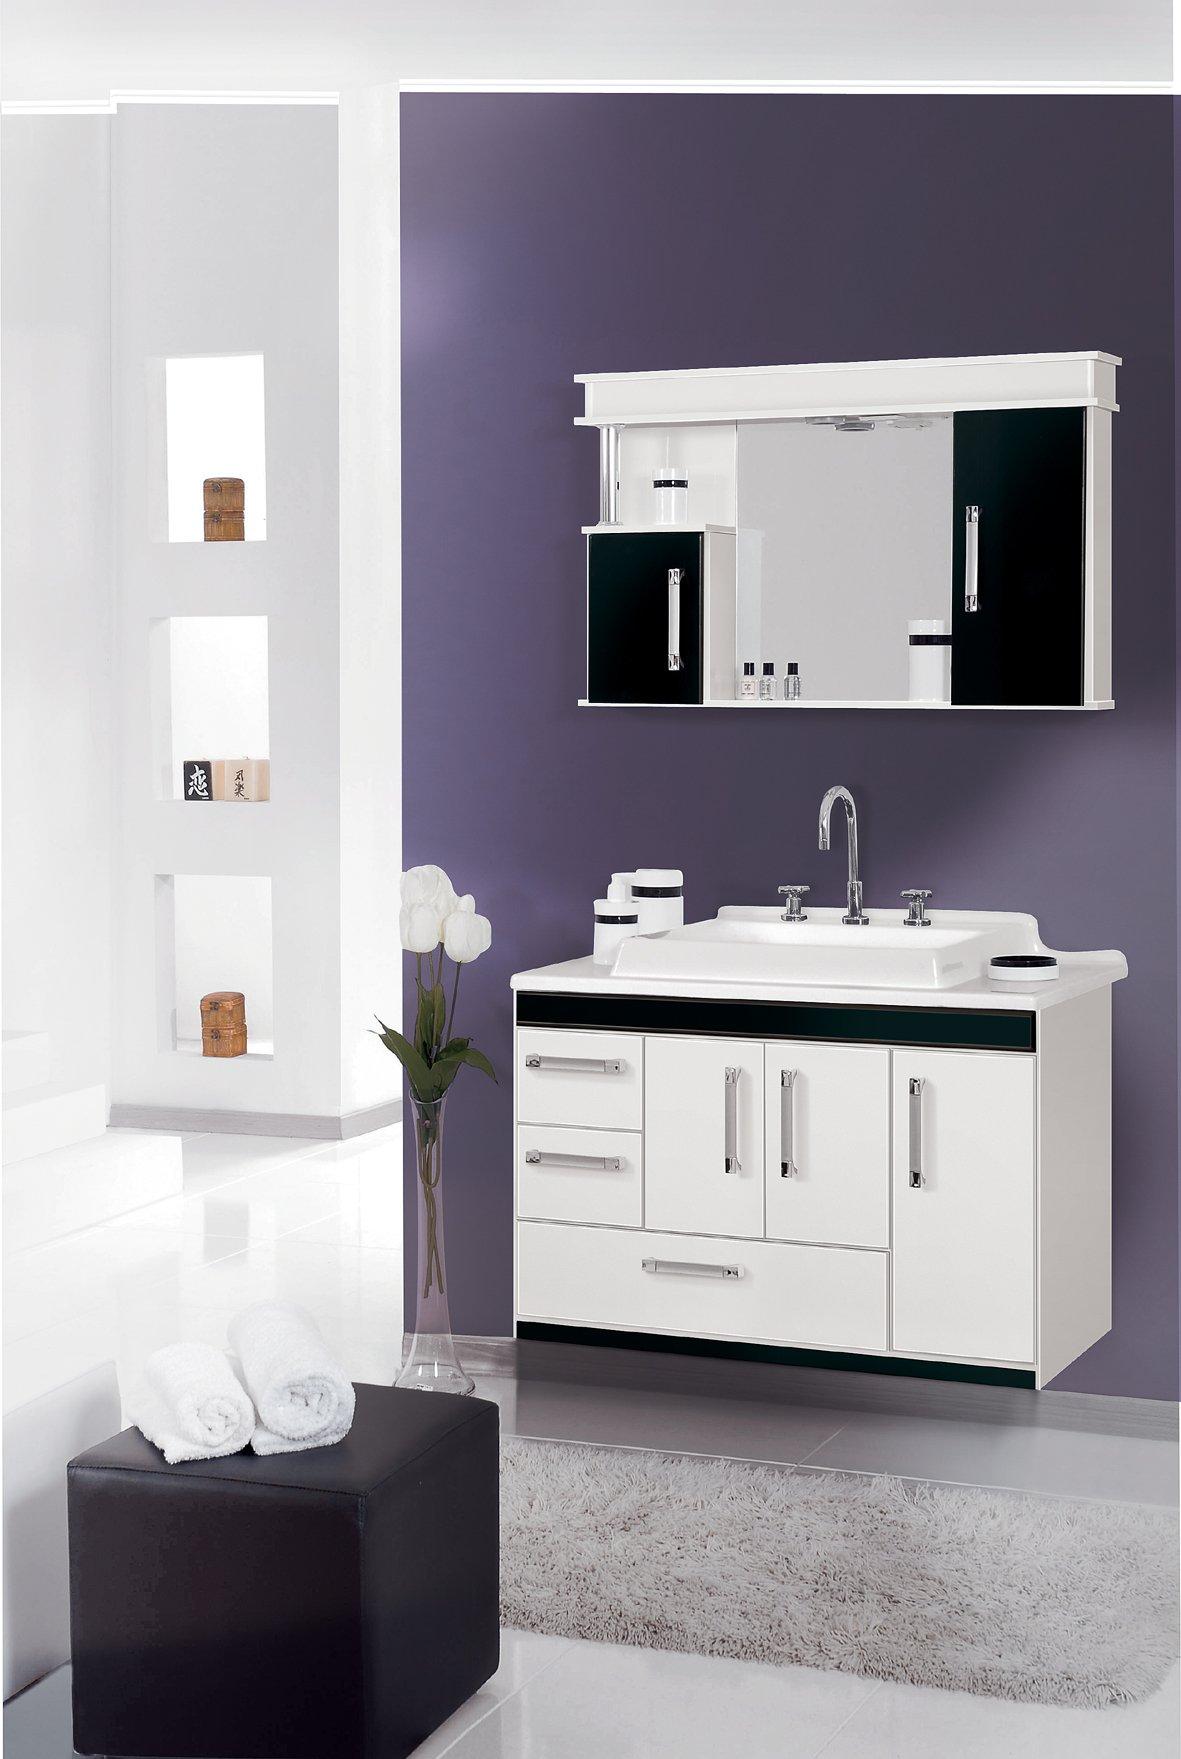 Fotos Gratis Blanco Piso Ambiente Lavabo Habitaci N  # Mueble De Lavabo